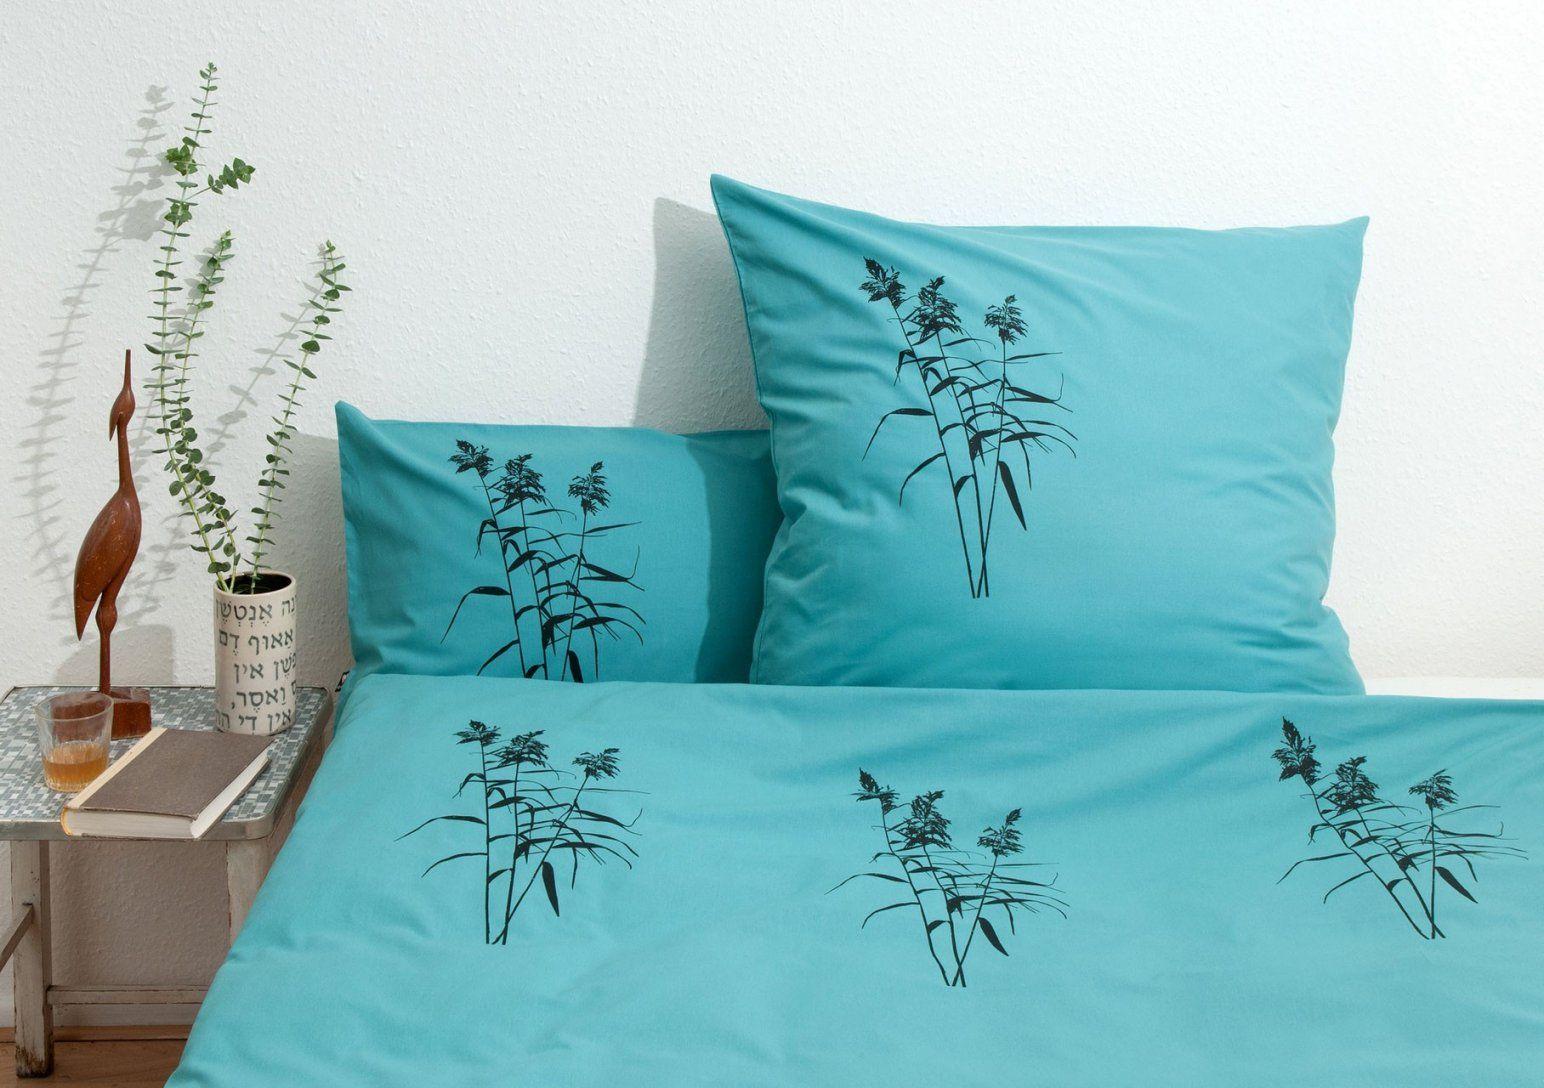 Startling Bettwäsche Bedrucken Lassen Luxus Online Ideen Bill Steward von Bettwäsche Mit Eigenem Foto Bild